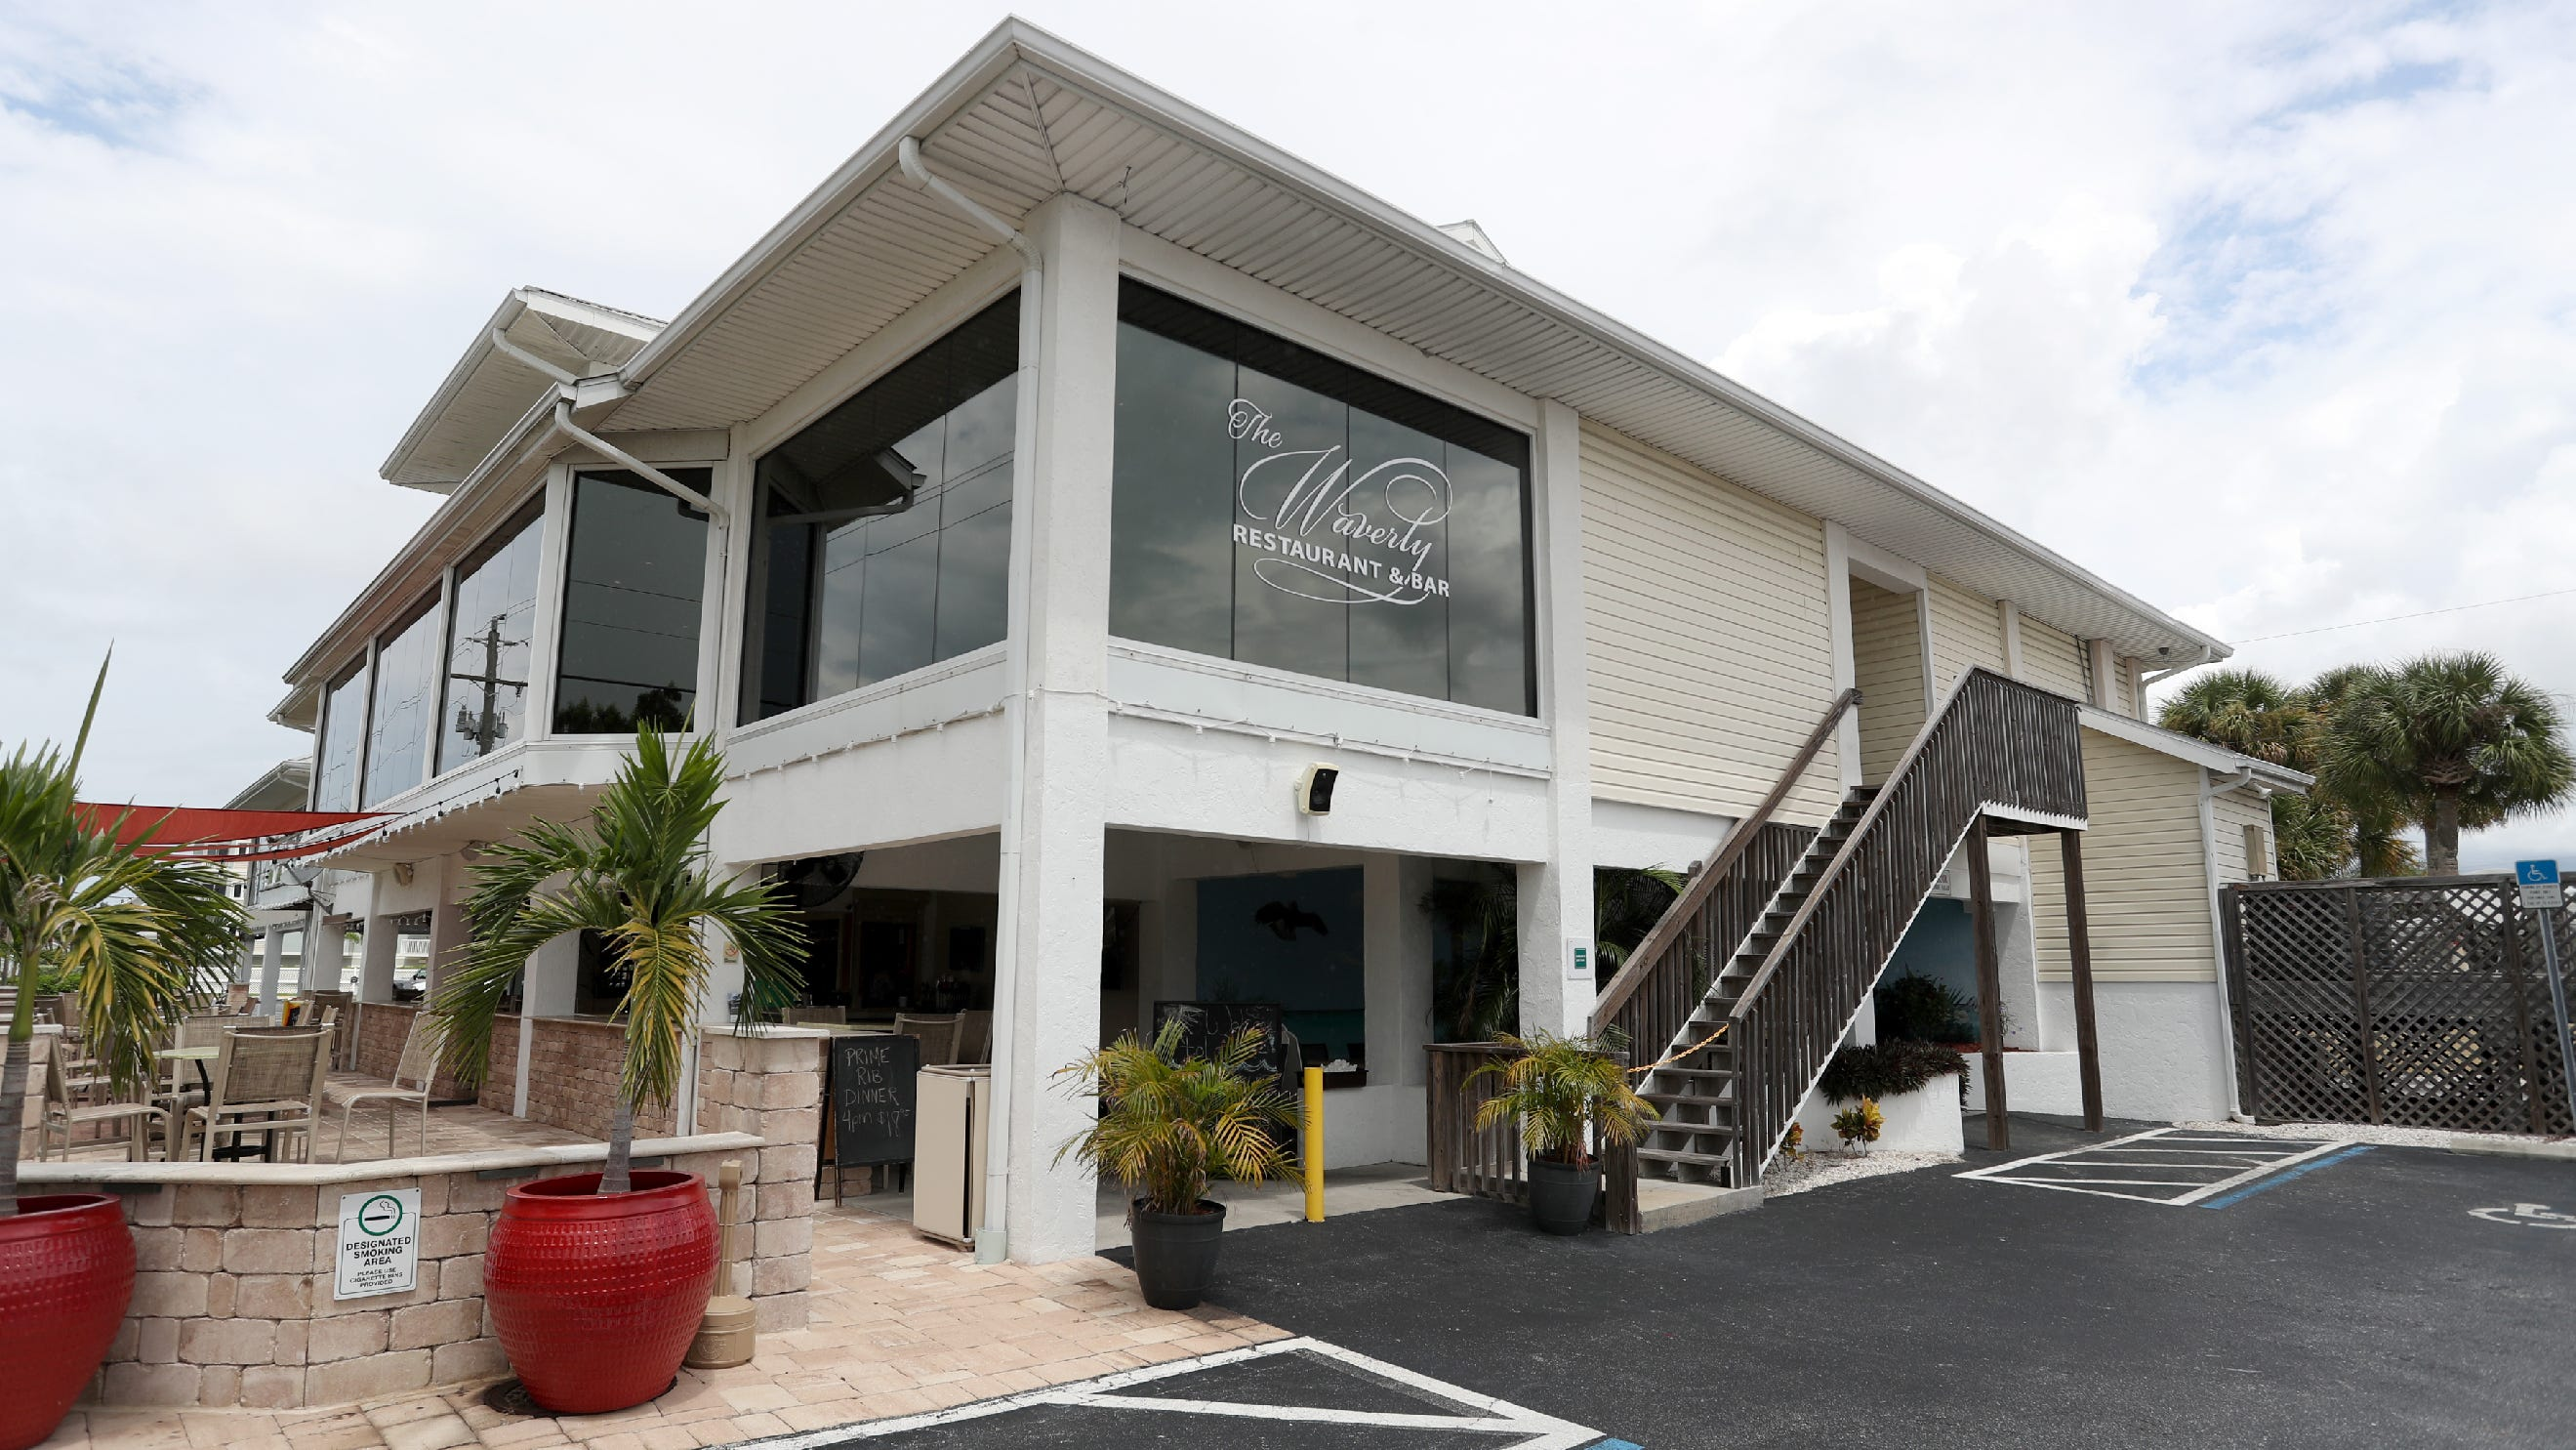 El bar restaurante Waverly tiene vistas al golfo de México.